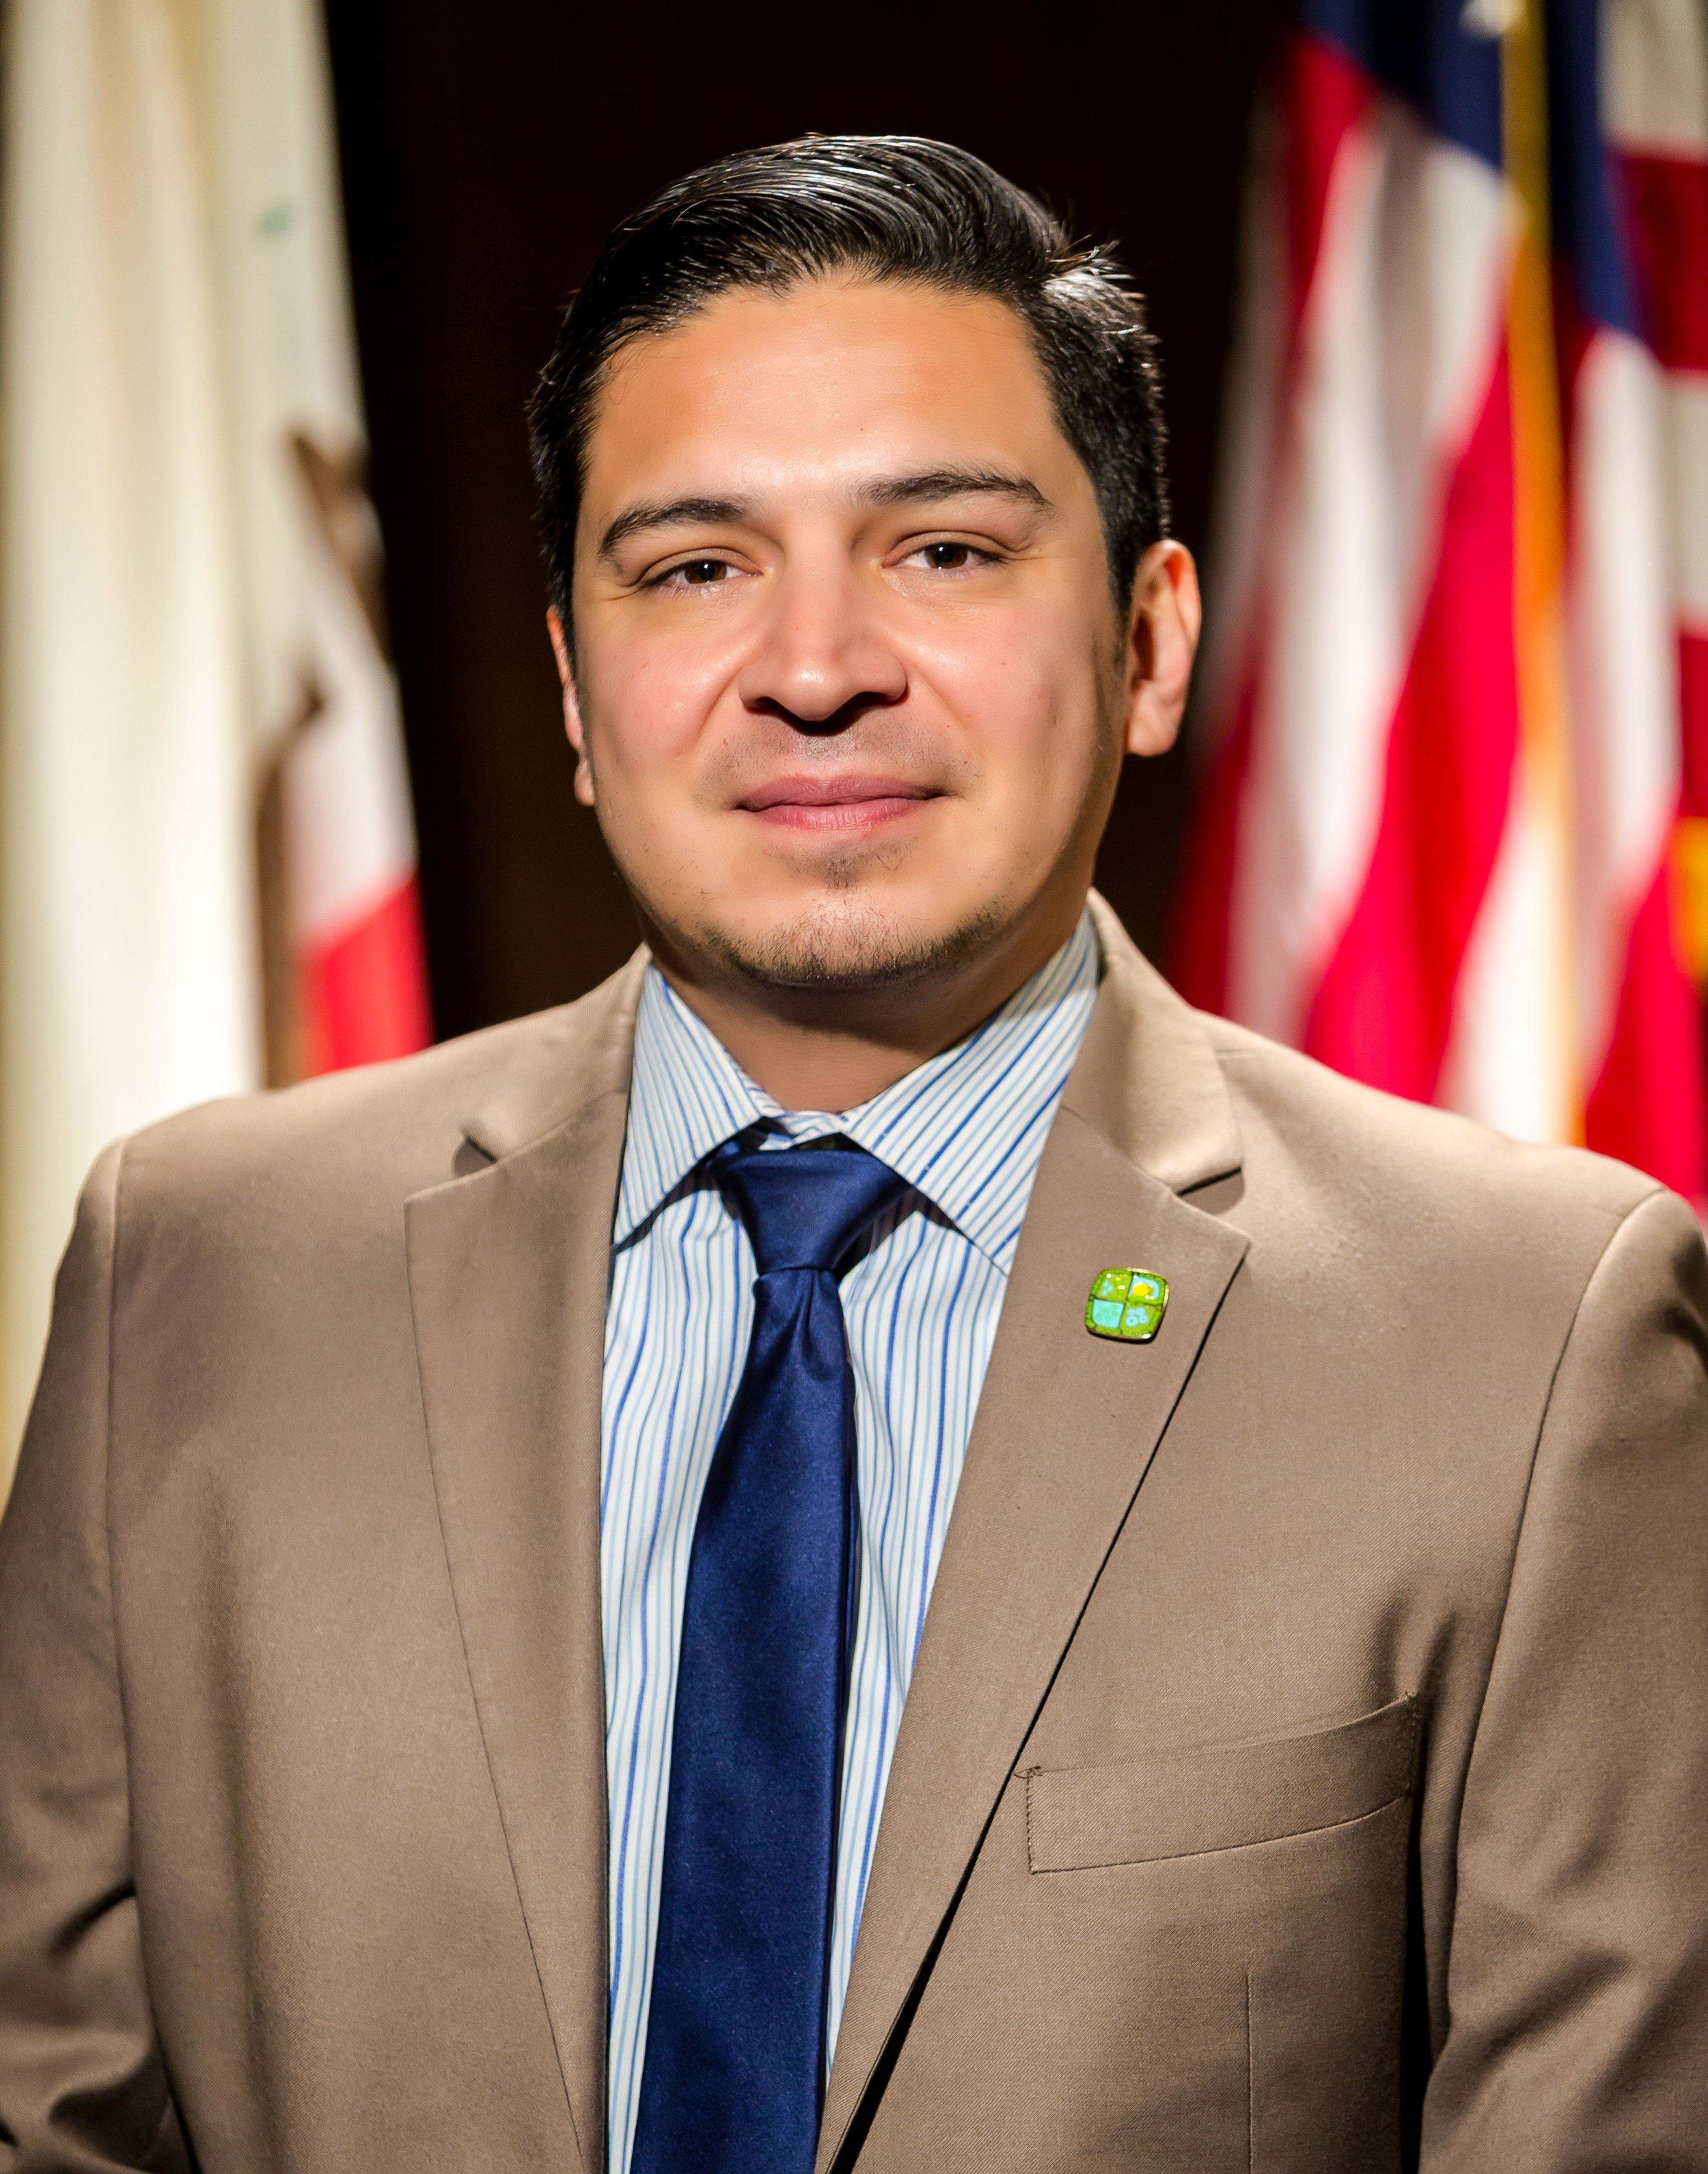 Dr. Paul Jimenez